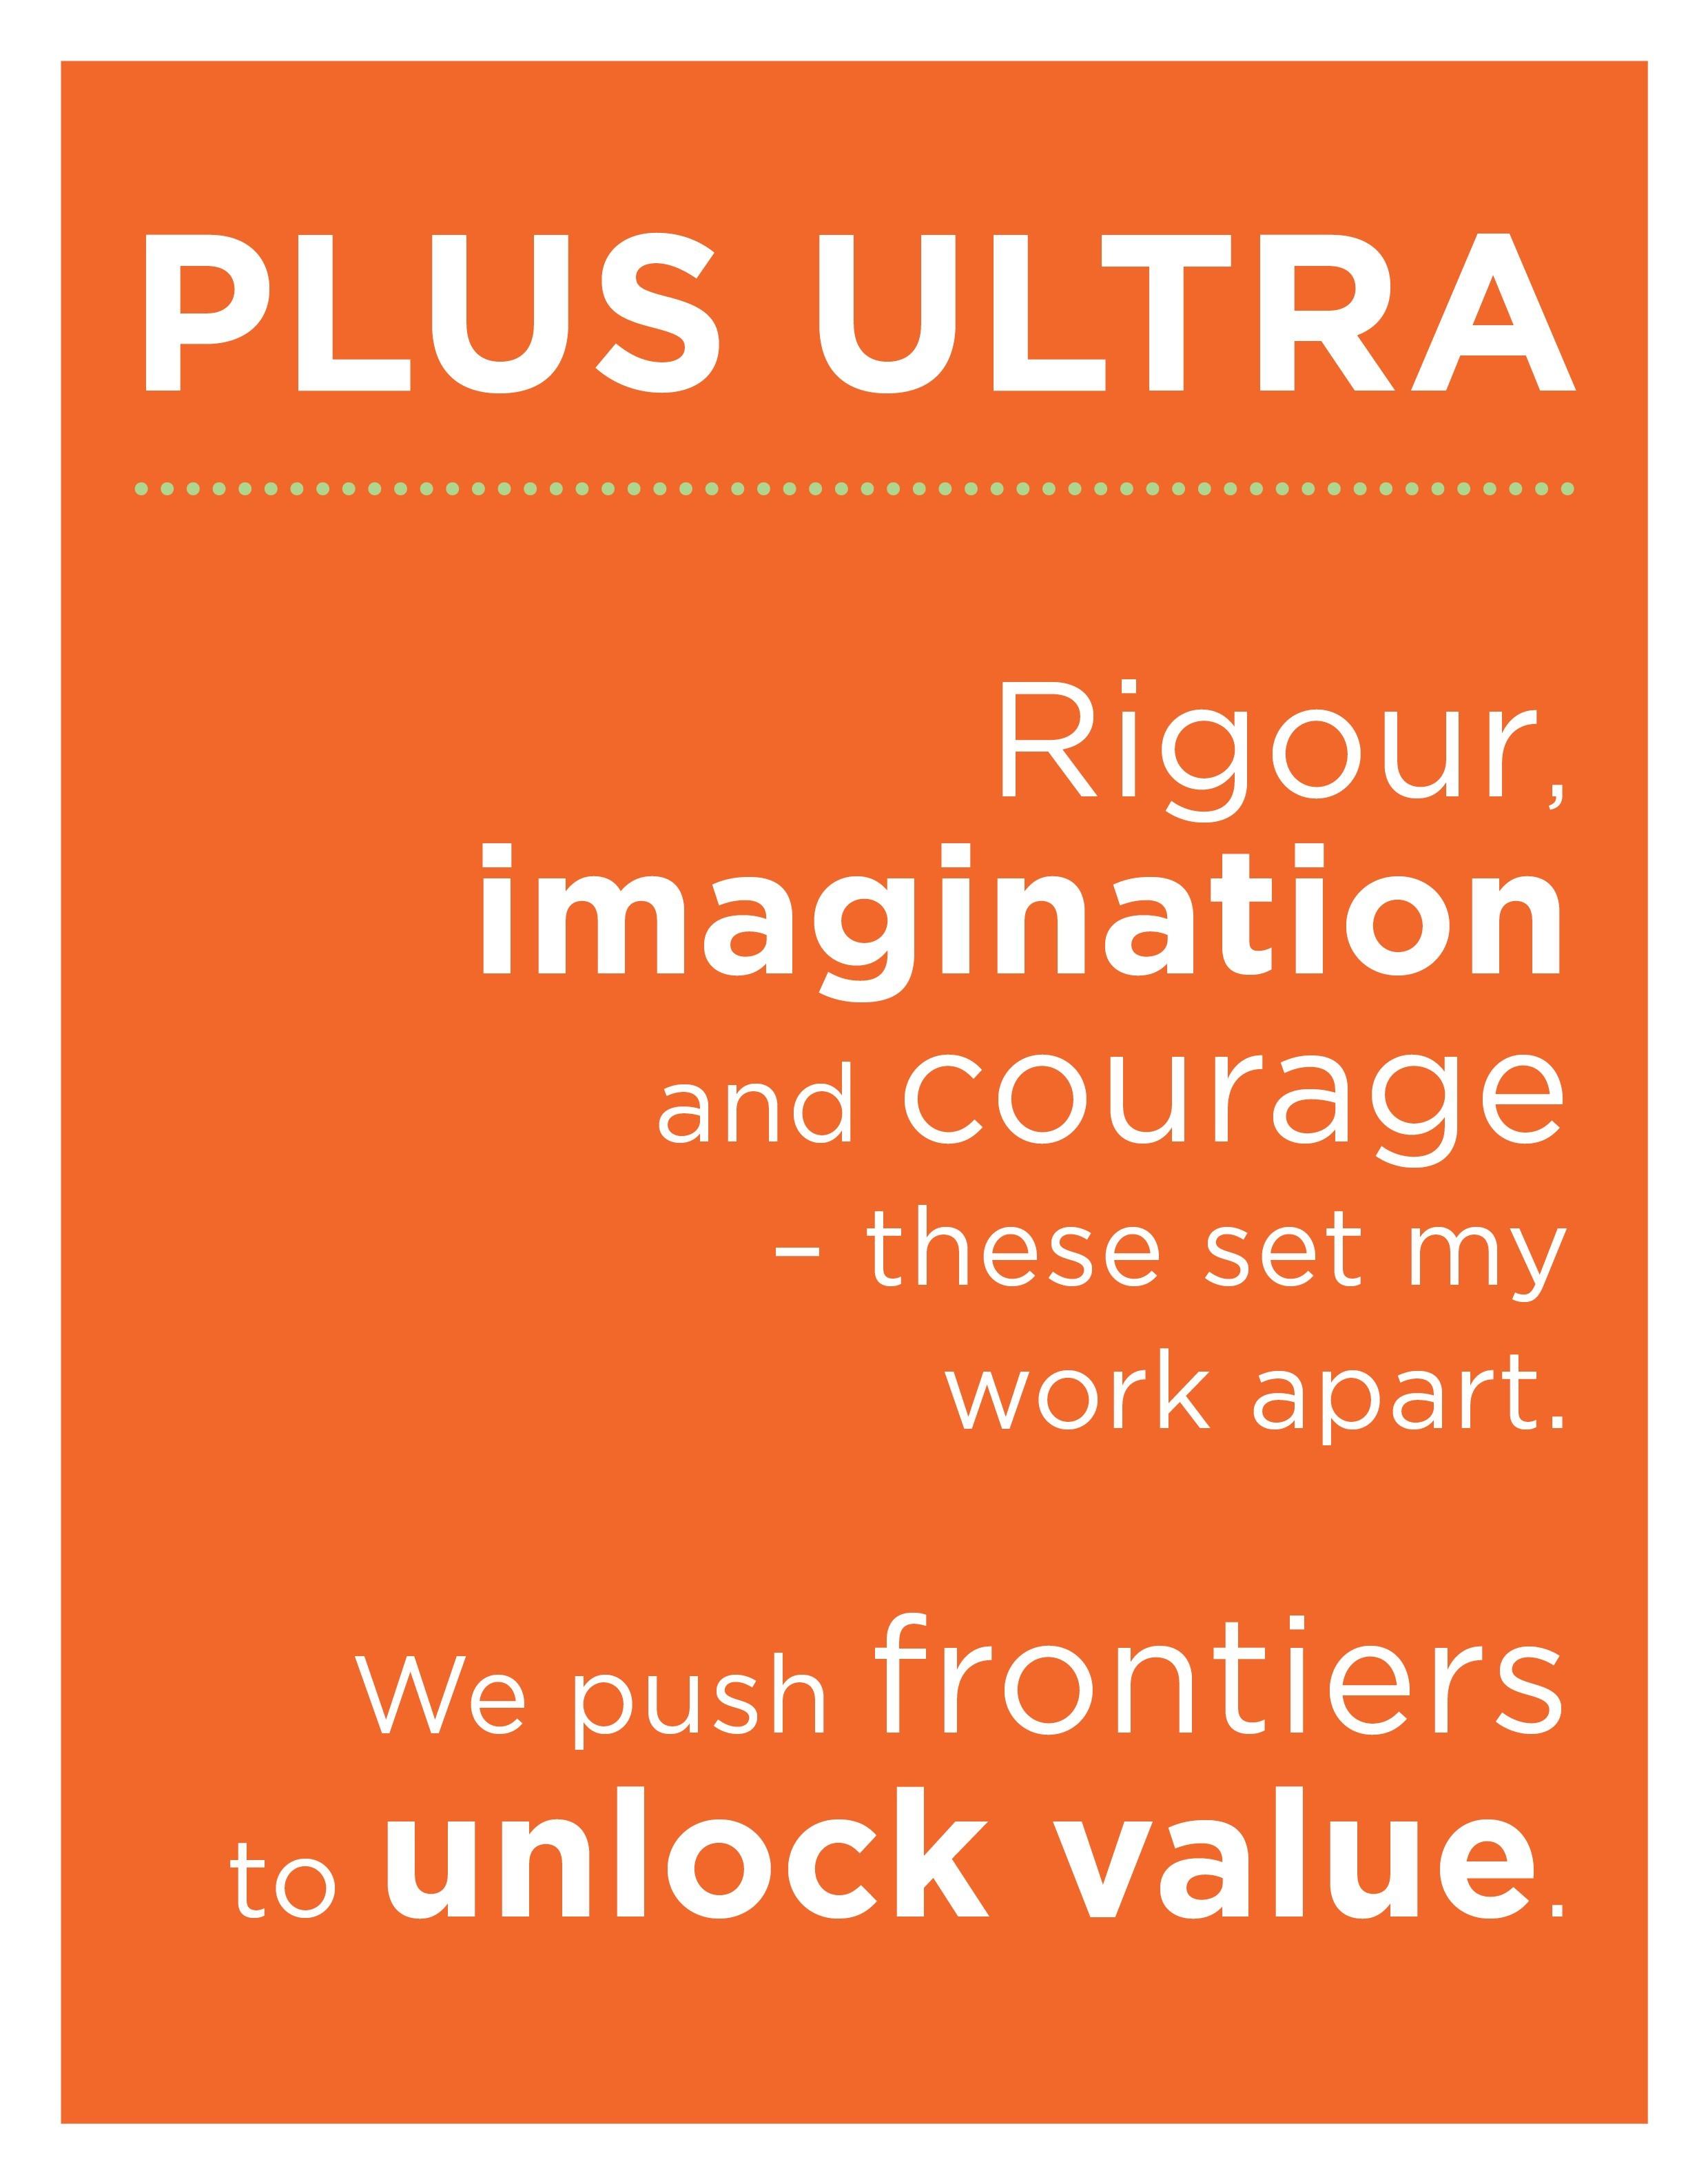 Plus-Ultra-V.jpg#asset:5004